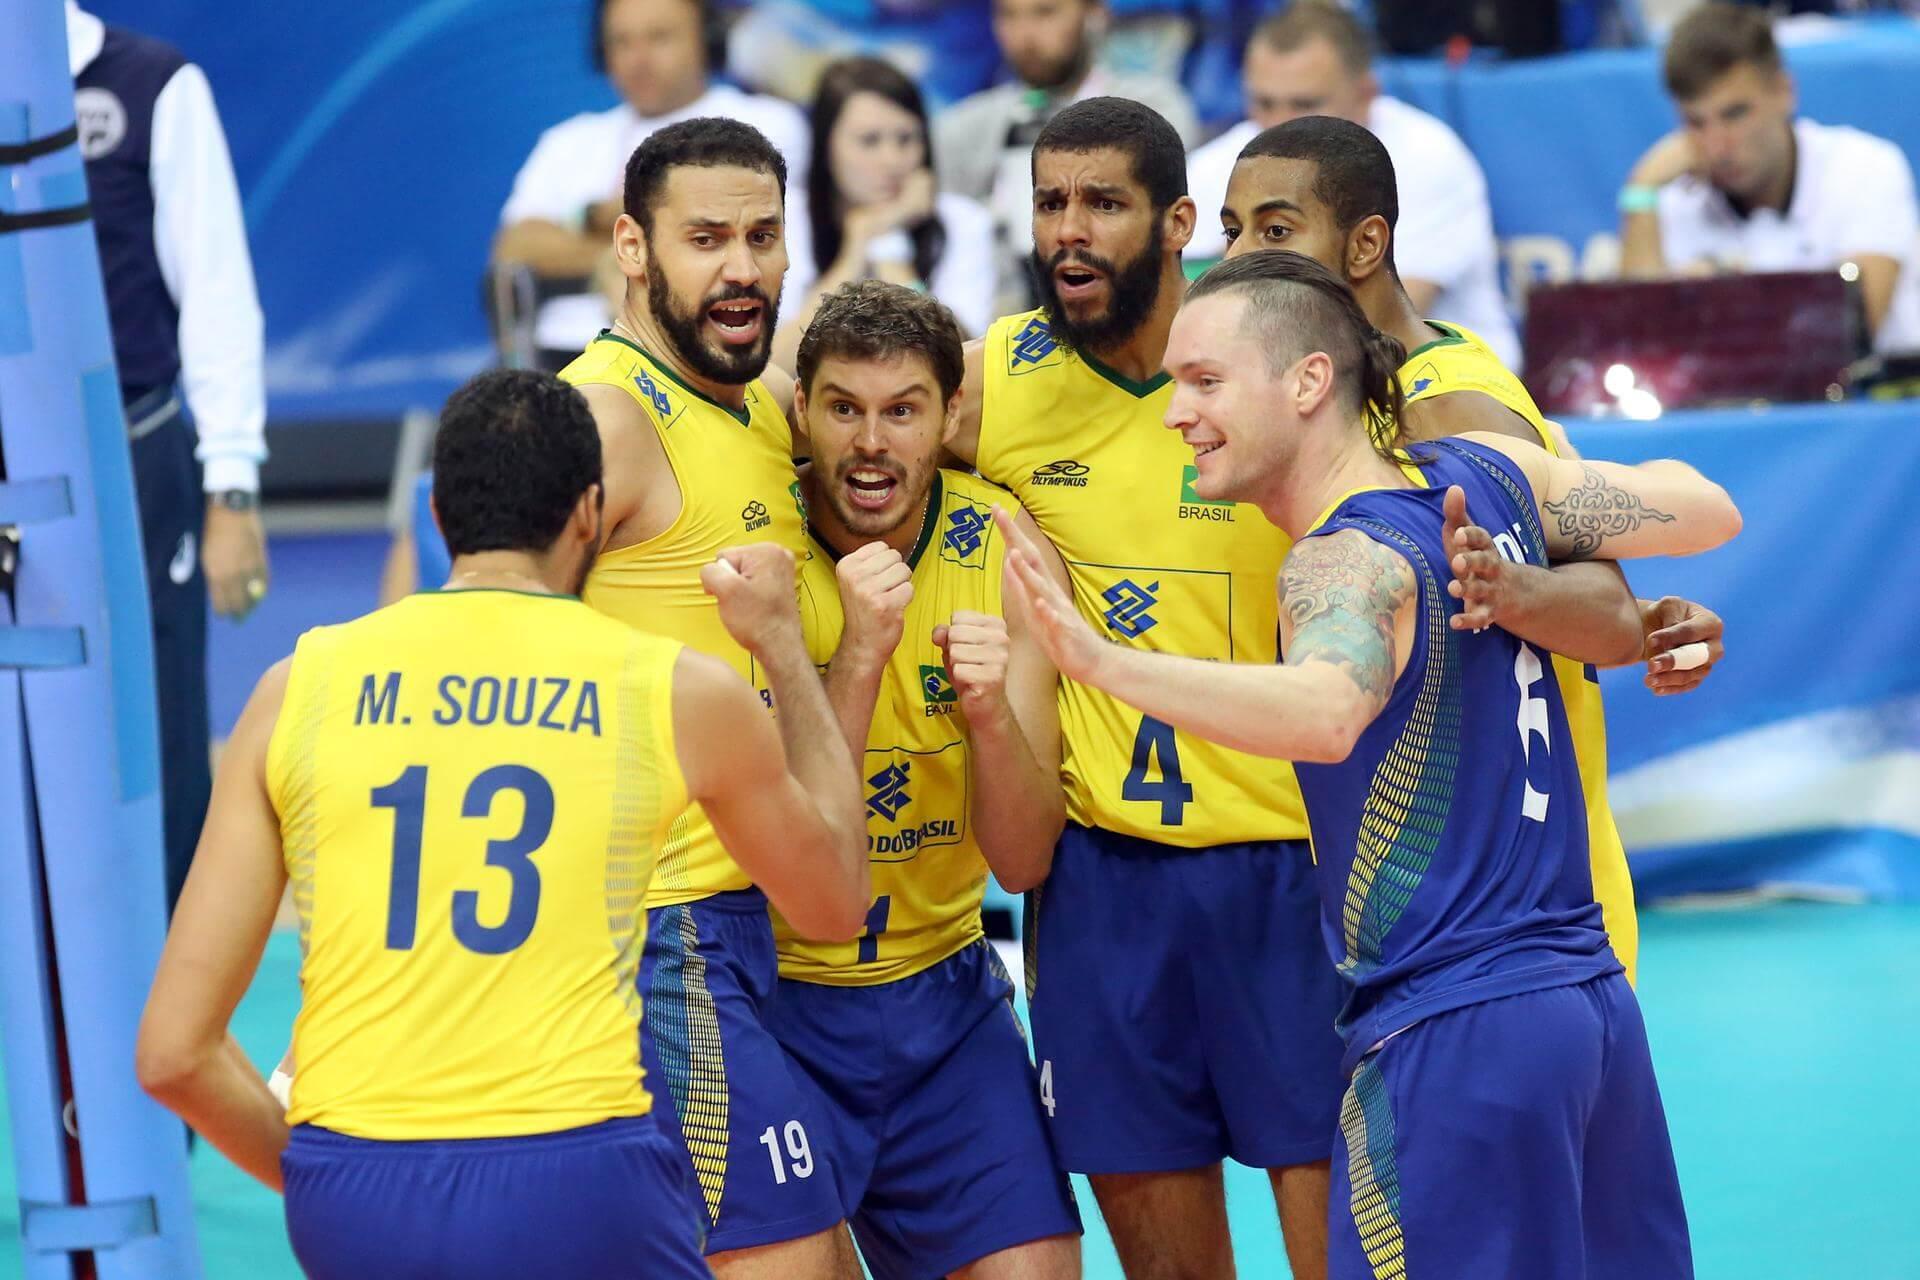 Brazylia z Pucharem Świata!